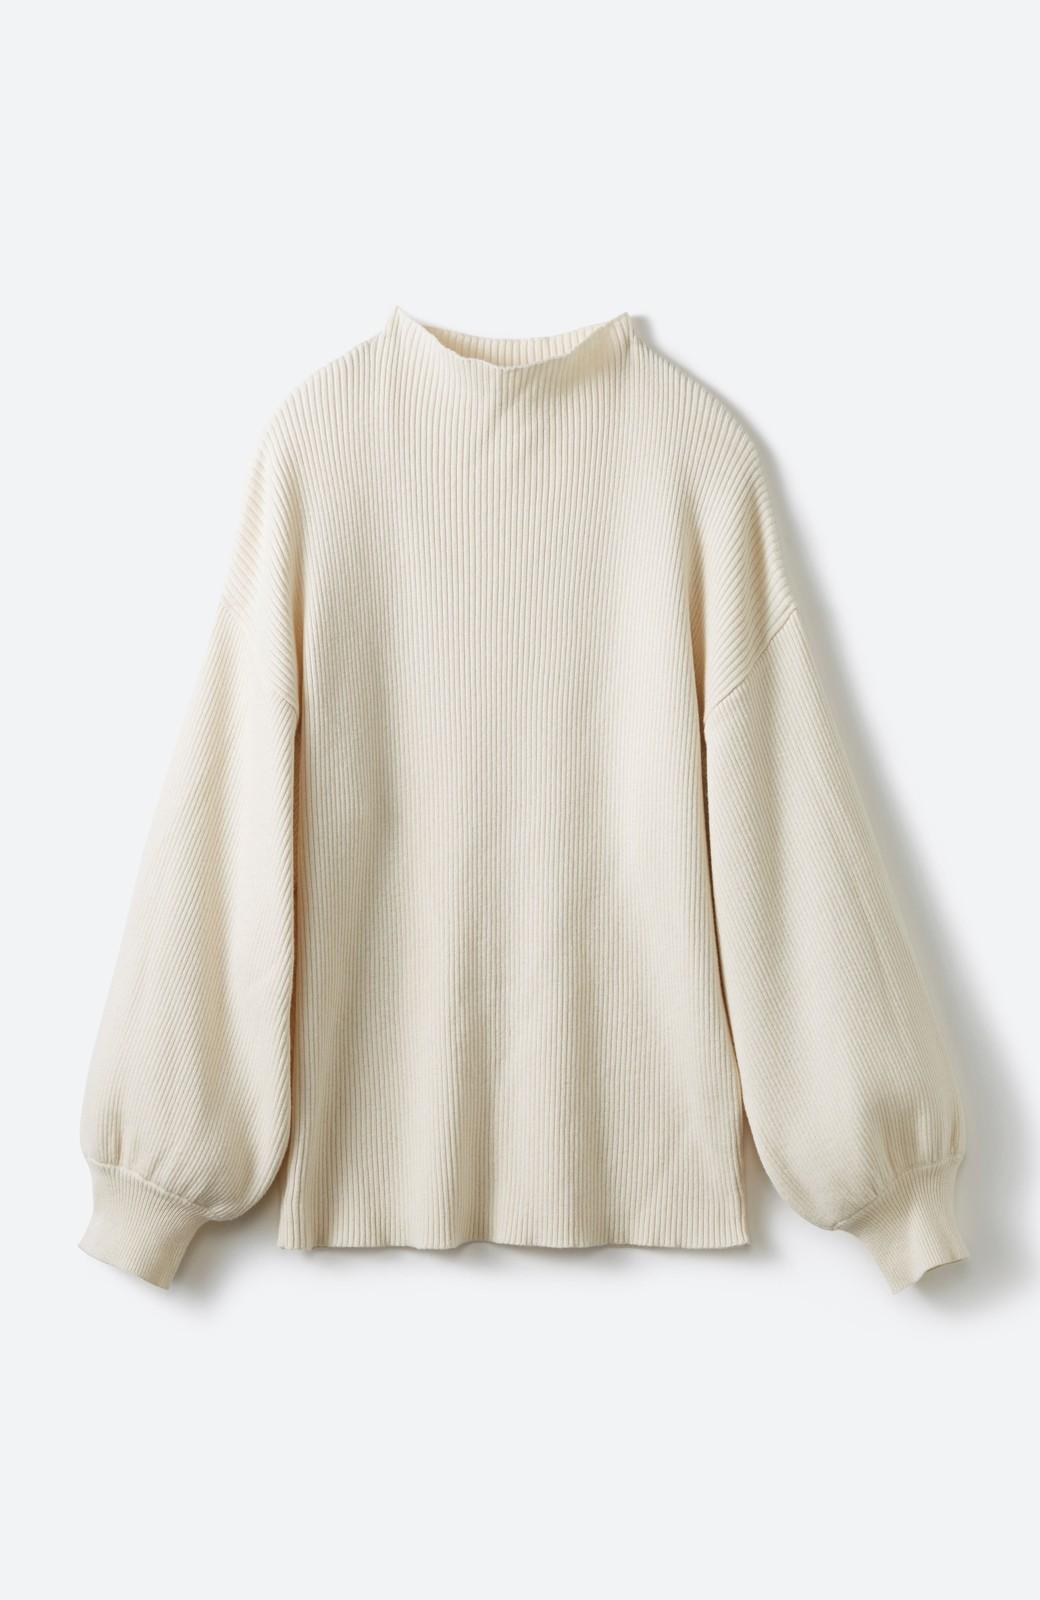 haco! シルク混素材のぷっくり袖リブニット <オフホワイト>の商品写真1